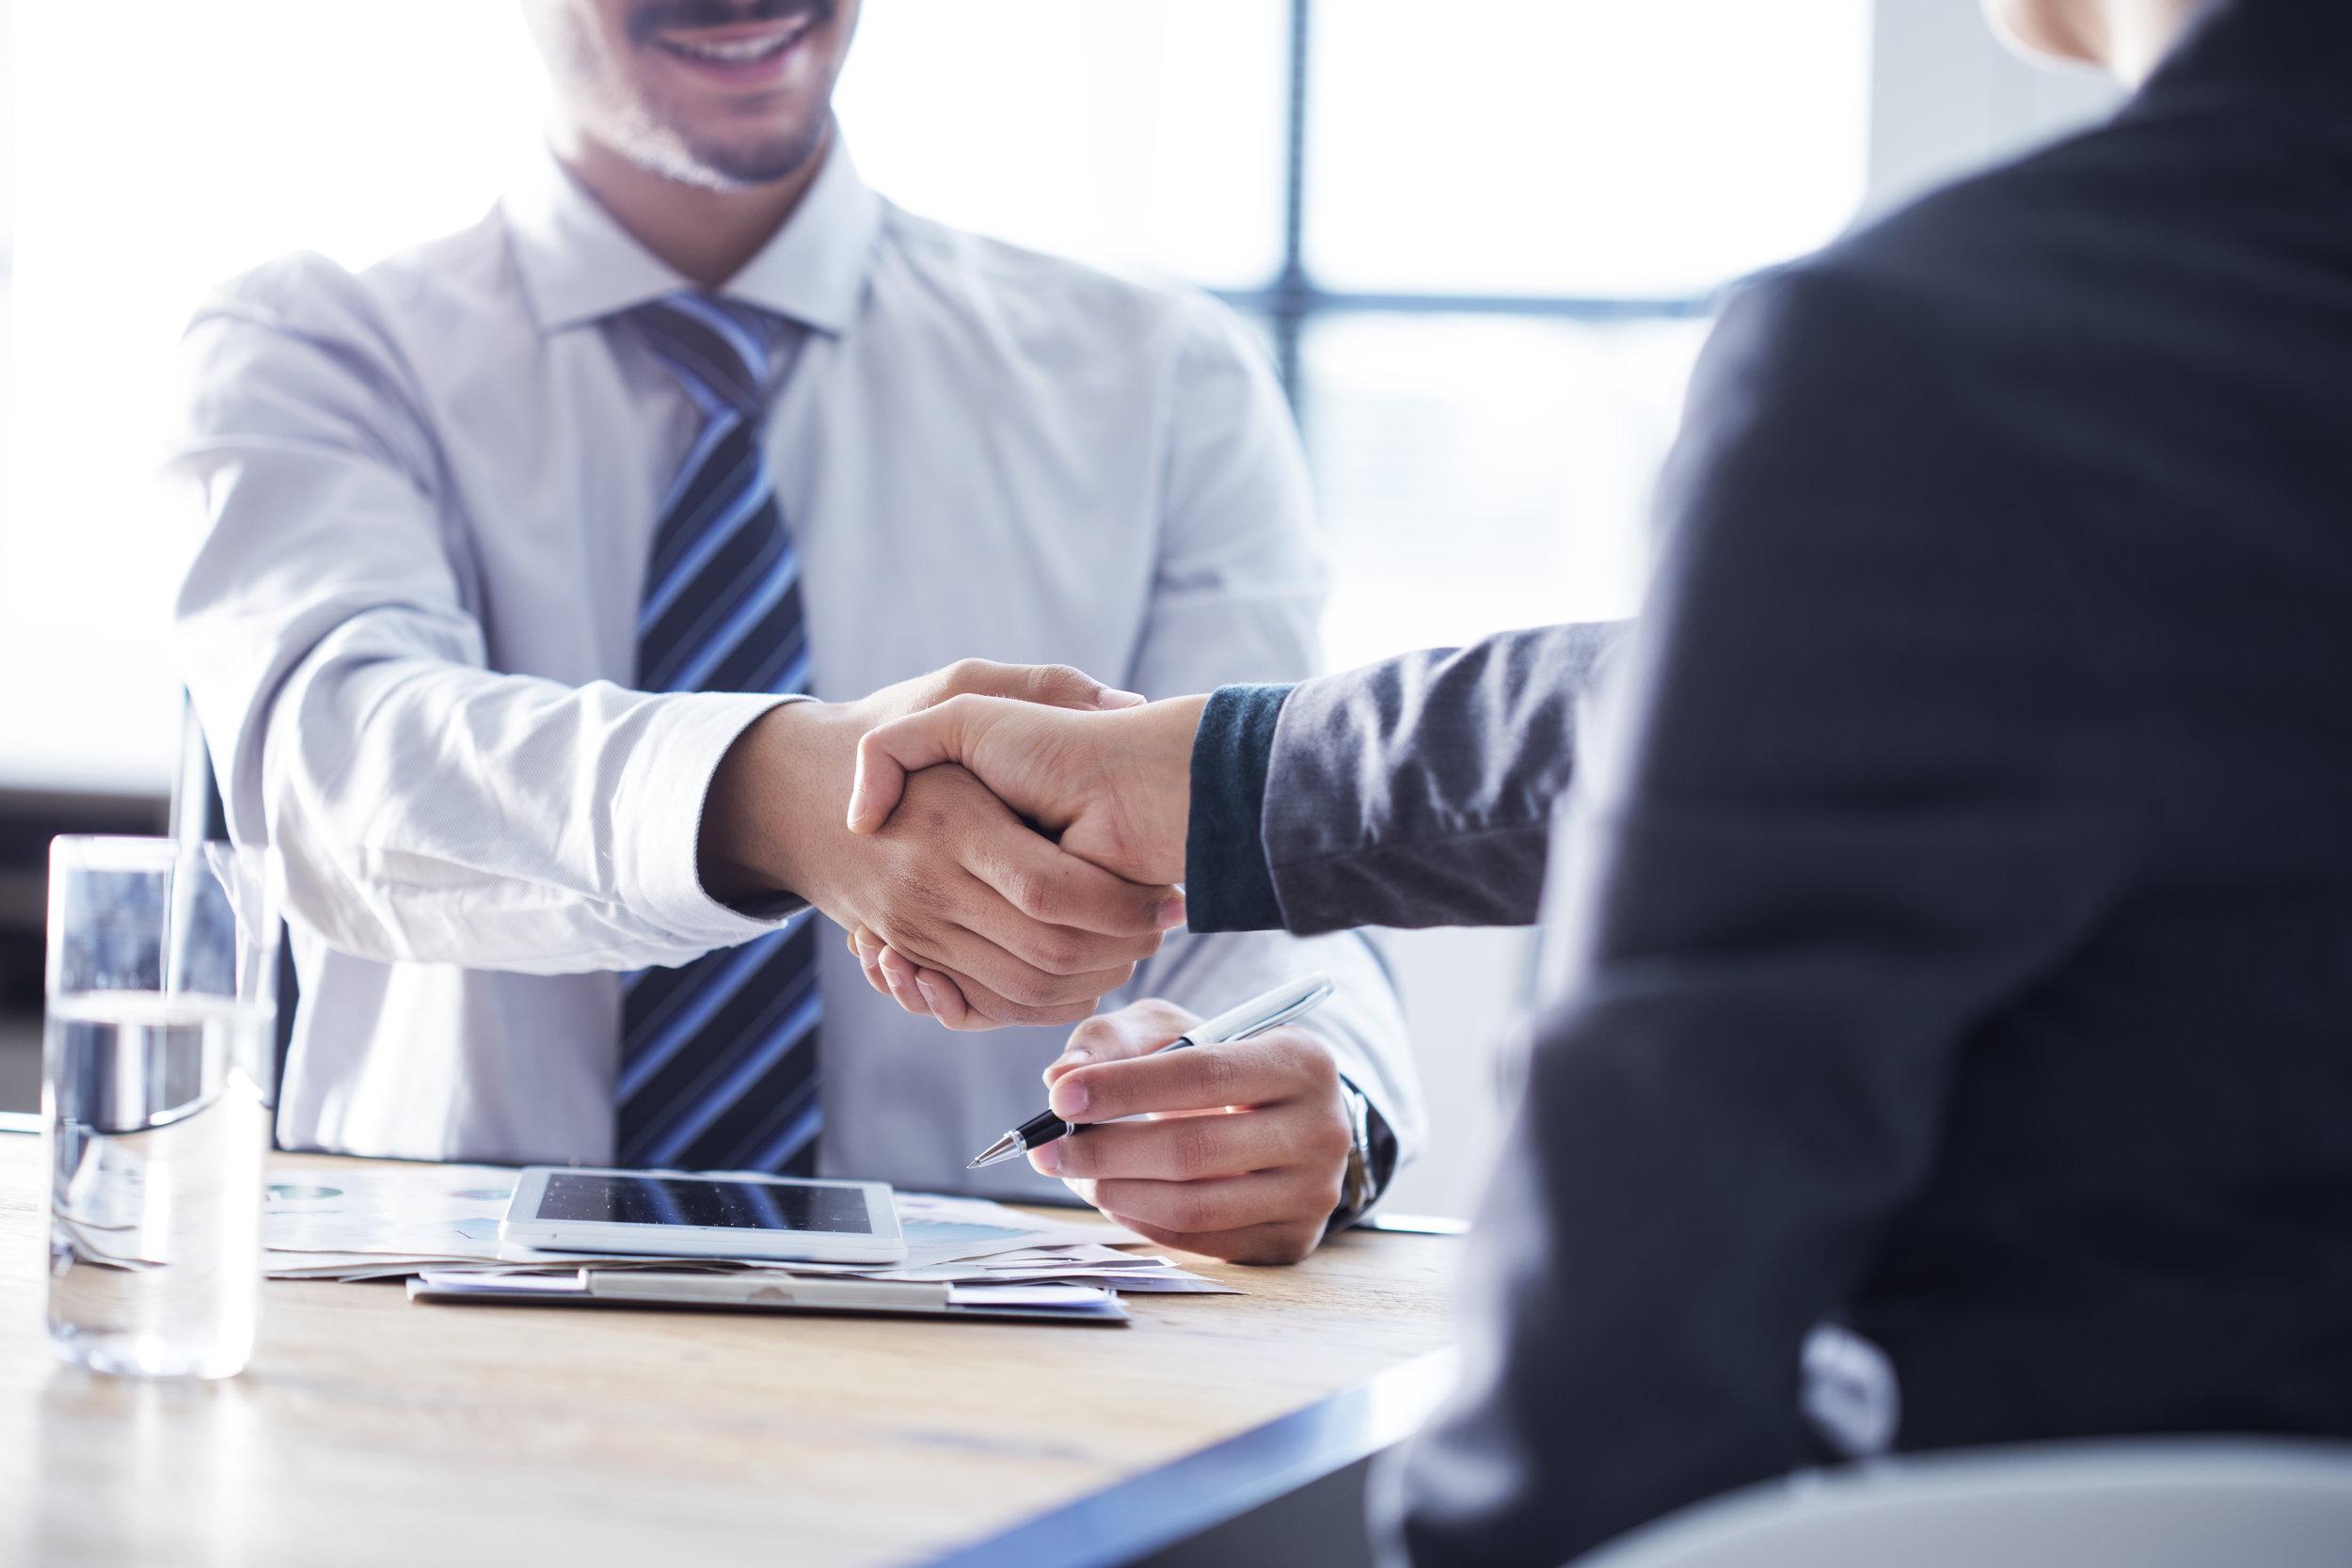 Annonsering - Rekrutteringsprosesser hvor stillingen blir utlyst i utvalgte medier, trykk eller digitalt. Vi tar hånd om hele prosessen - alt fra utarbeidelse av kravspesifikasjon og annonse, kontakt med annonsebyrå, administrasjon av søknader, innkalling til intervjuer, gjennomføring av disse, vurdering av kandidatene, referansesjekk og endelig anbefaling.